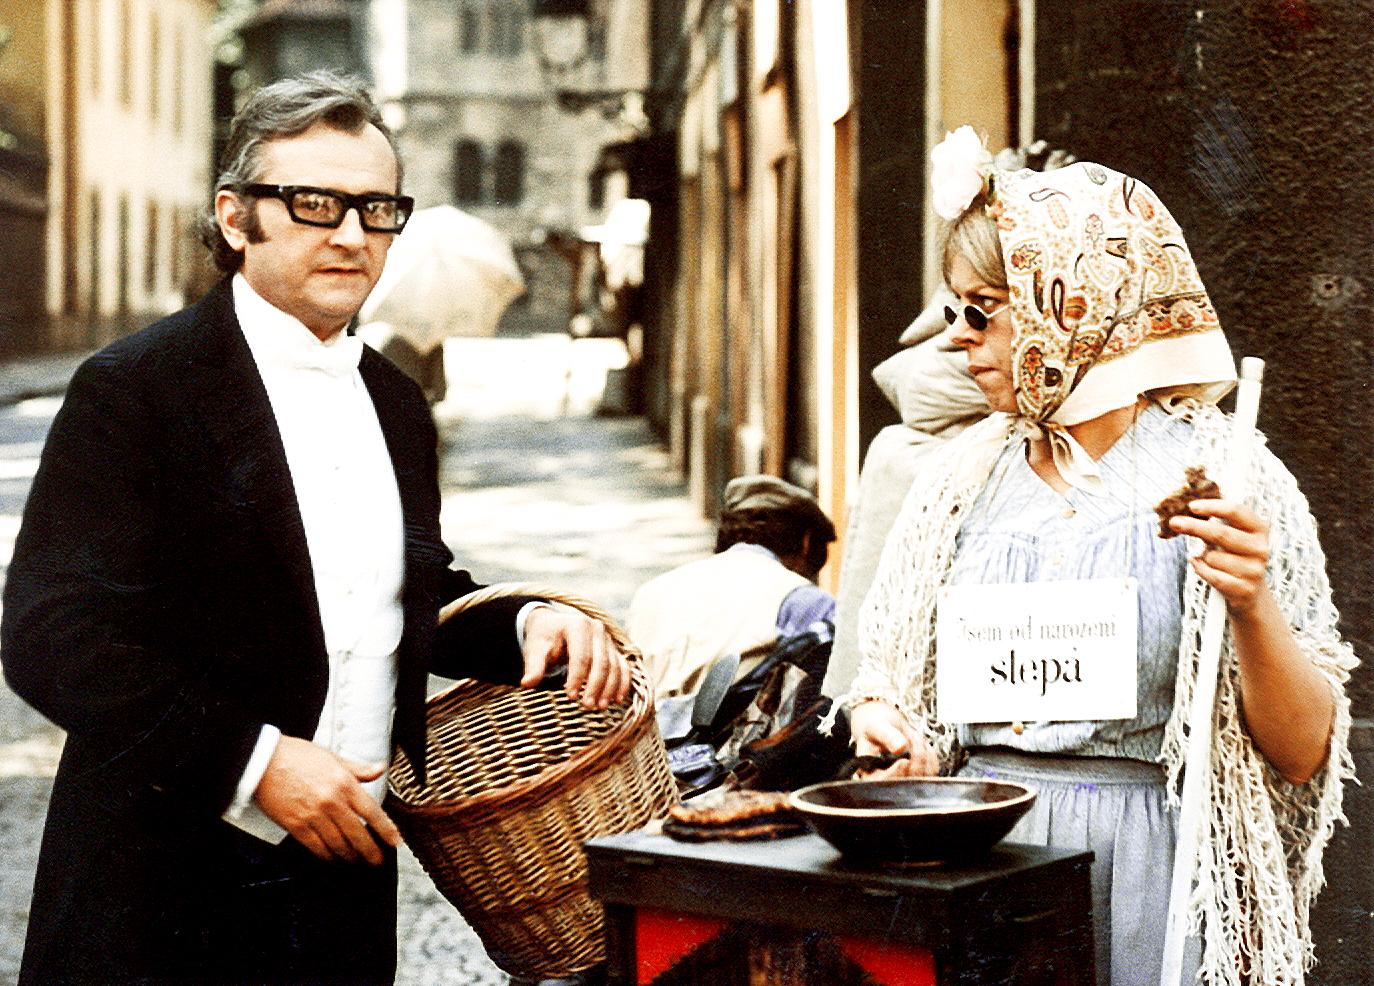 Iva Janzurová and Jirí Sovák in Zabil jsem Einsteina, panove (1970)